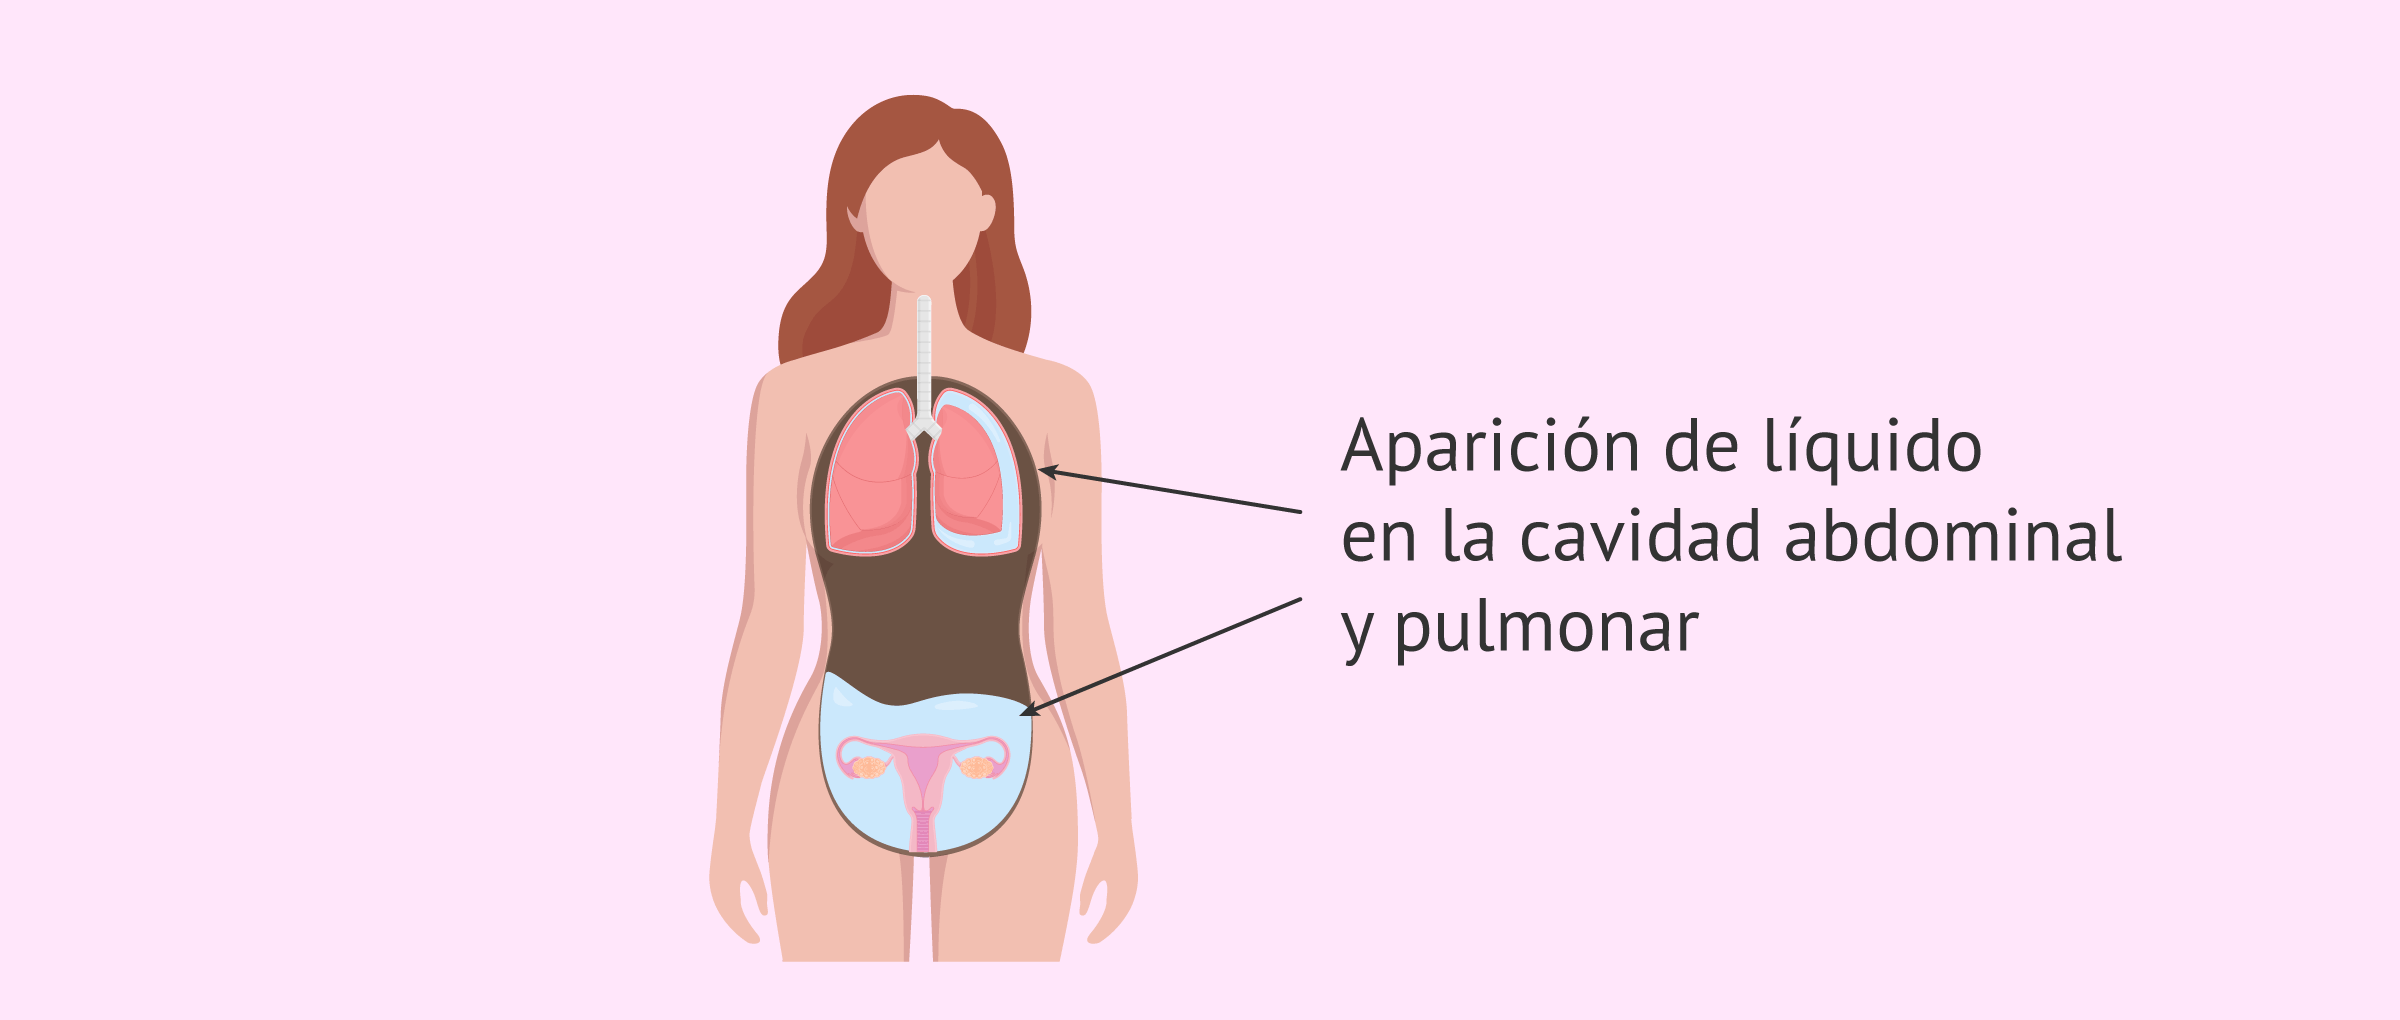 Acumulación de líquido en la cavidad abdominal por SHO